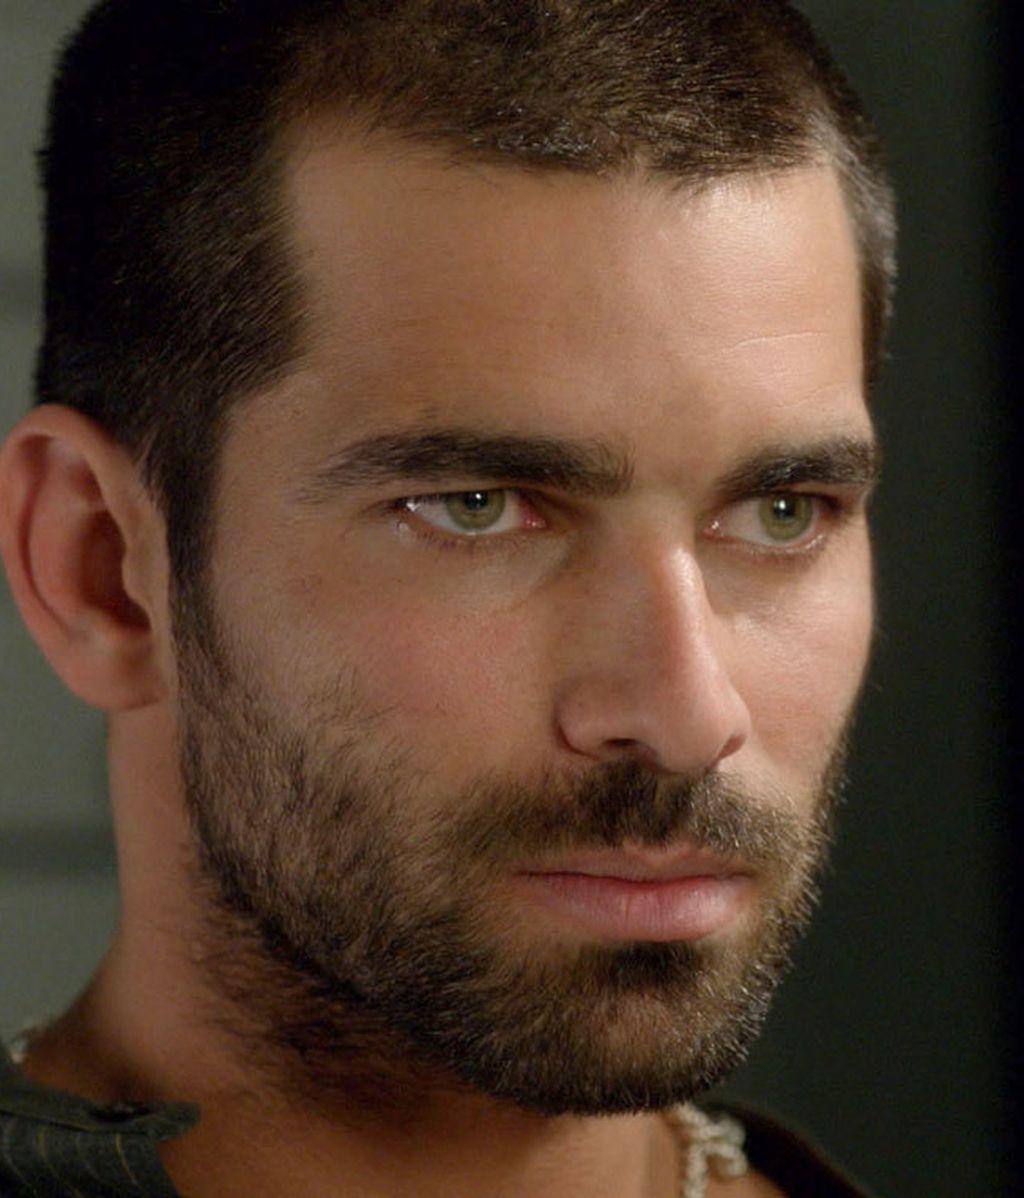 Faruq Ben Barek (Rubén Cortada), narcotraficante